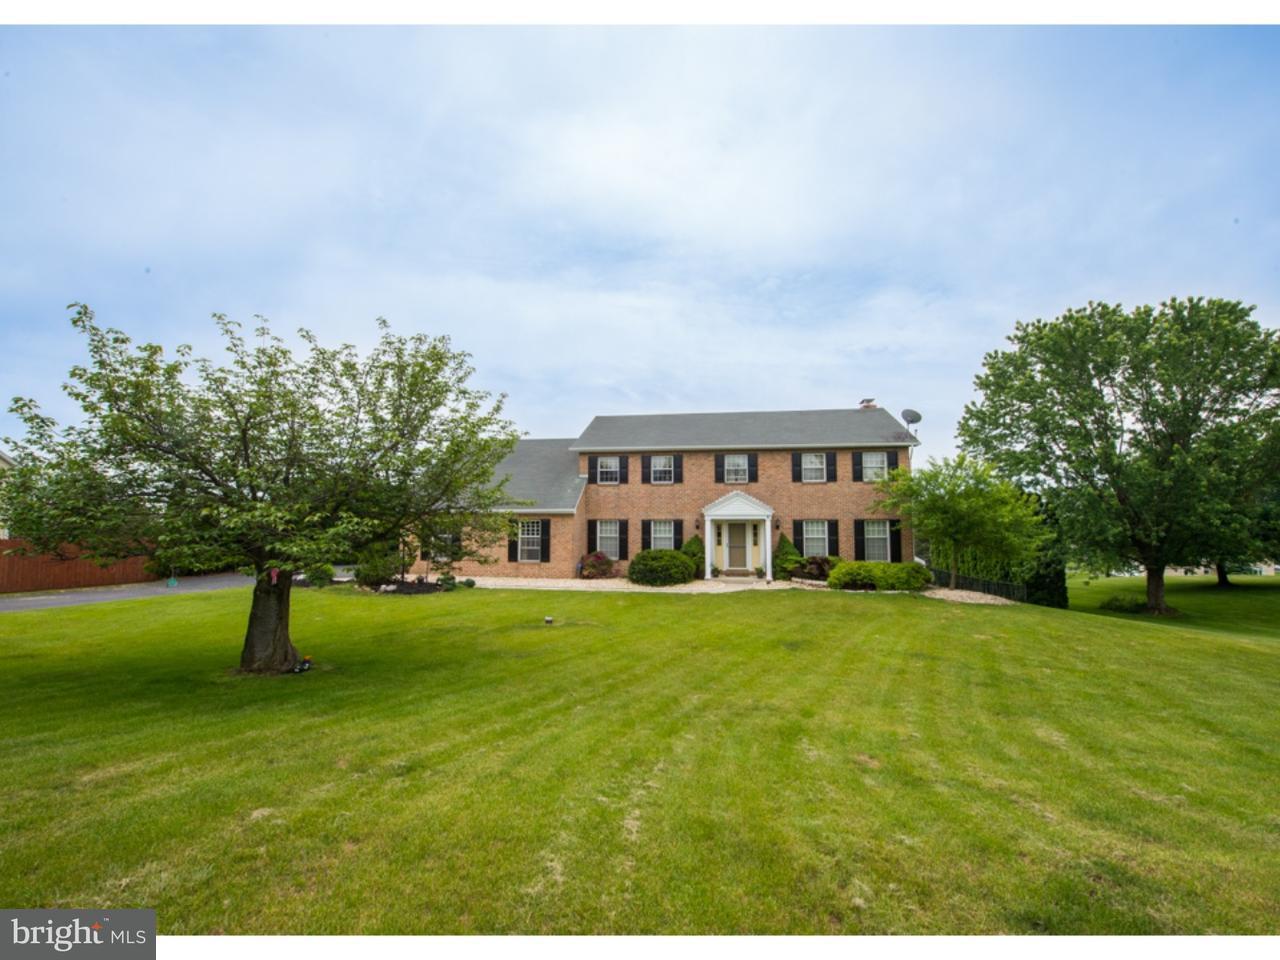 Maison unifamiliale pour l Vente à 2770 BRIDLE PATH Slatington, Pennsylvanie 18080 États-Unis